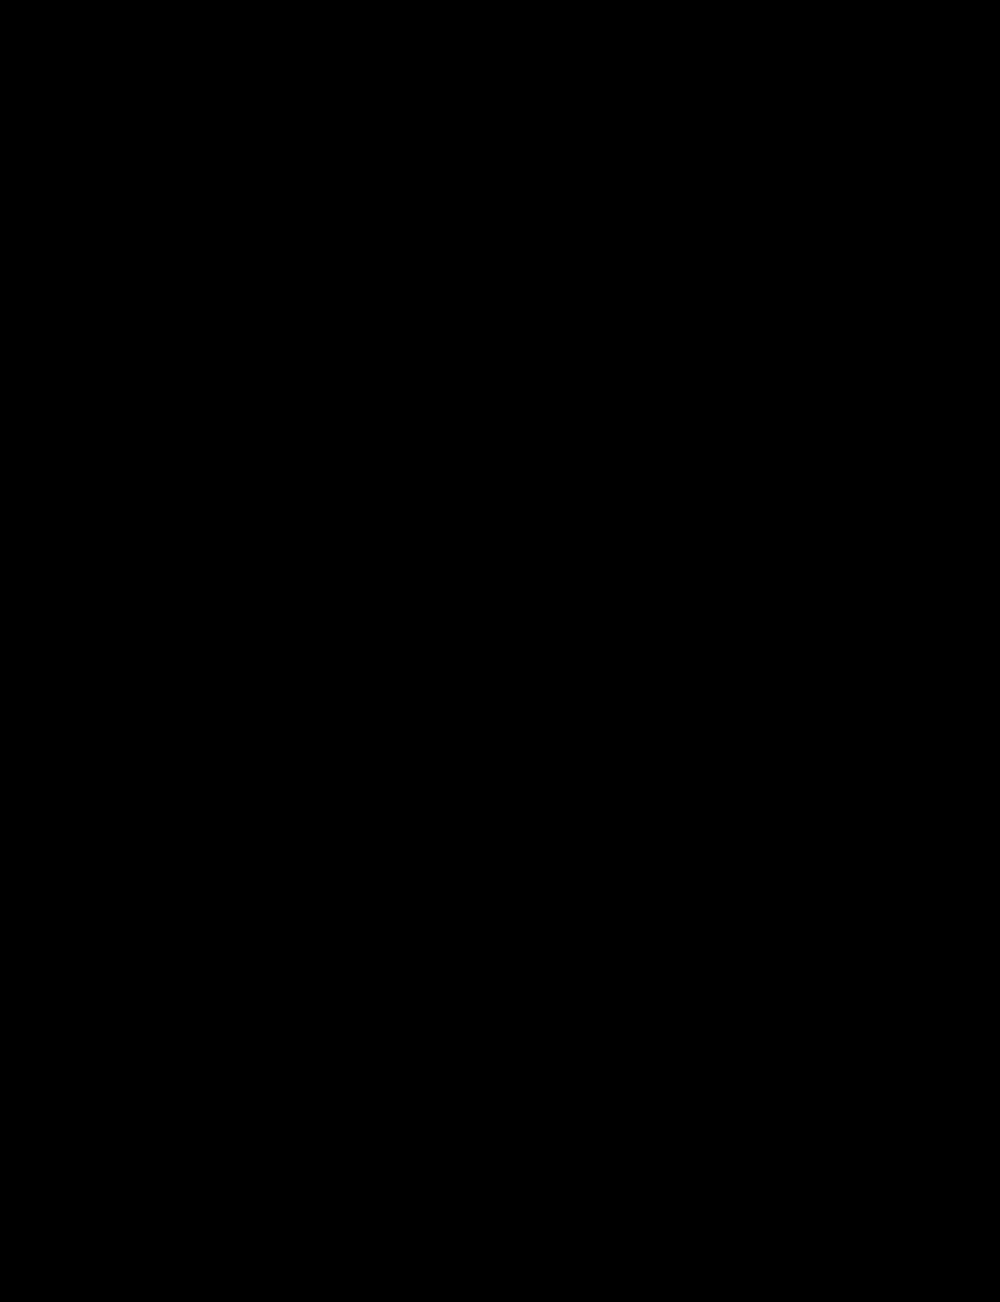 Le sac bicolore